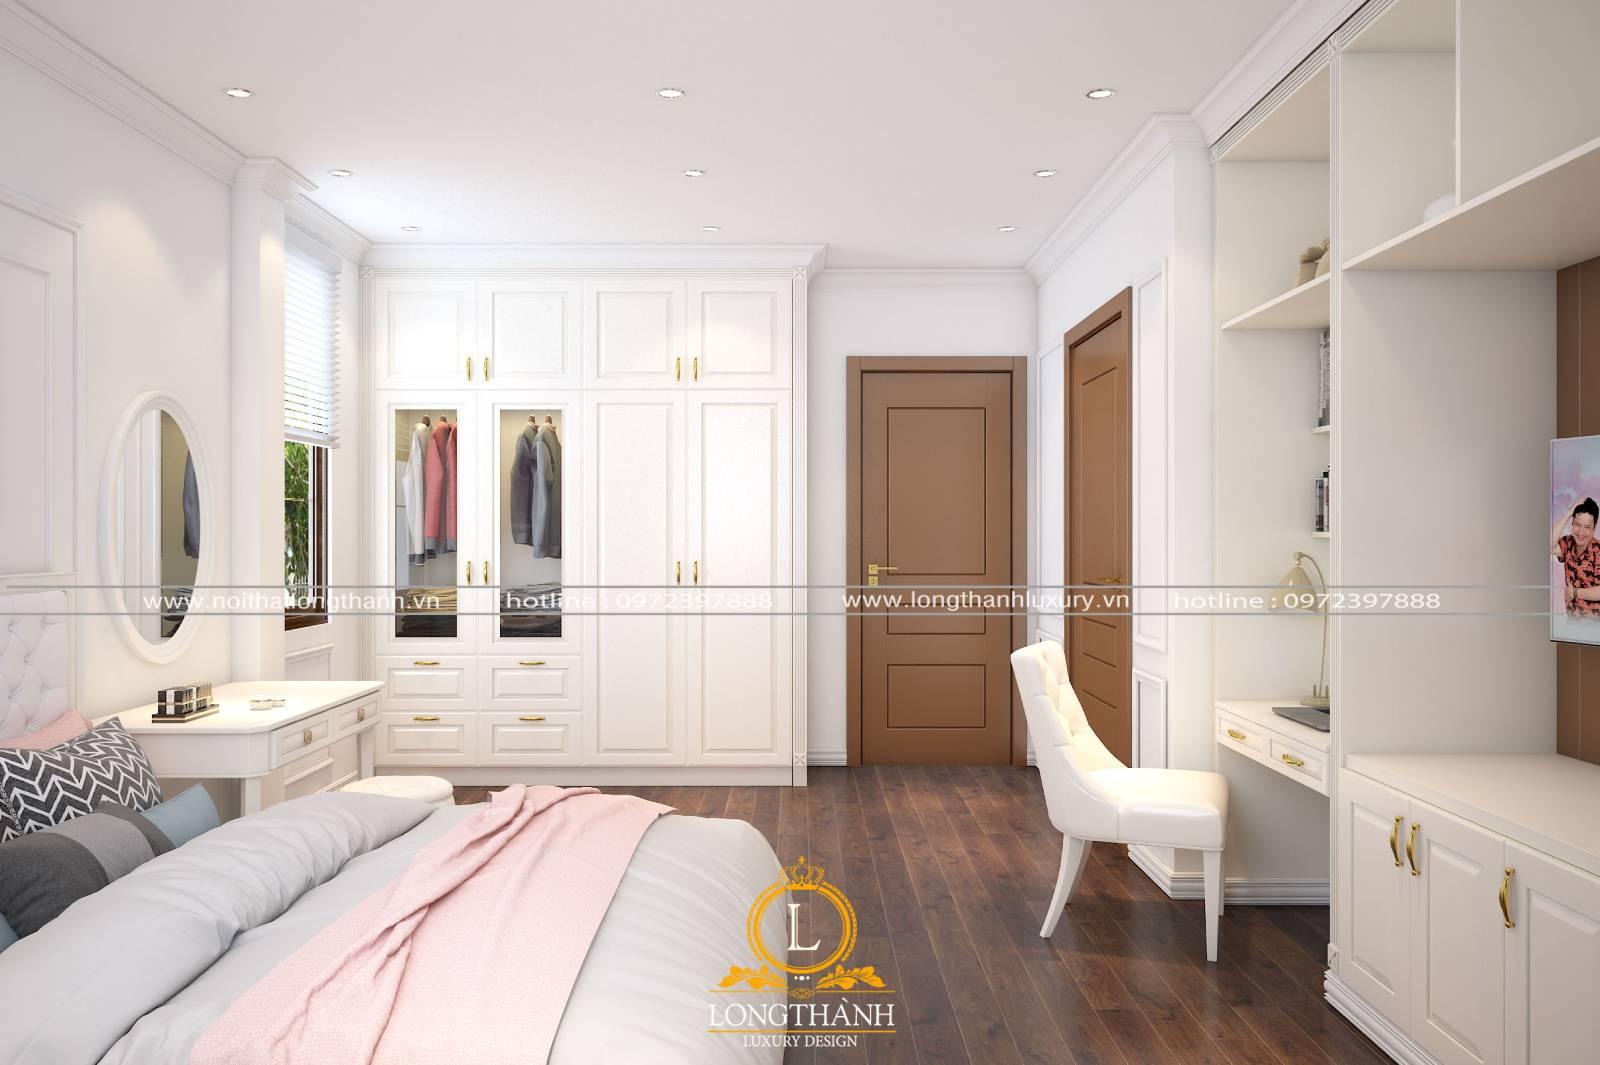 Cửa gỗ sồi tự nhiên cho phòng ngủ với gam màu sáng thanh thoát